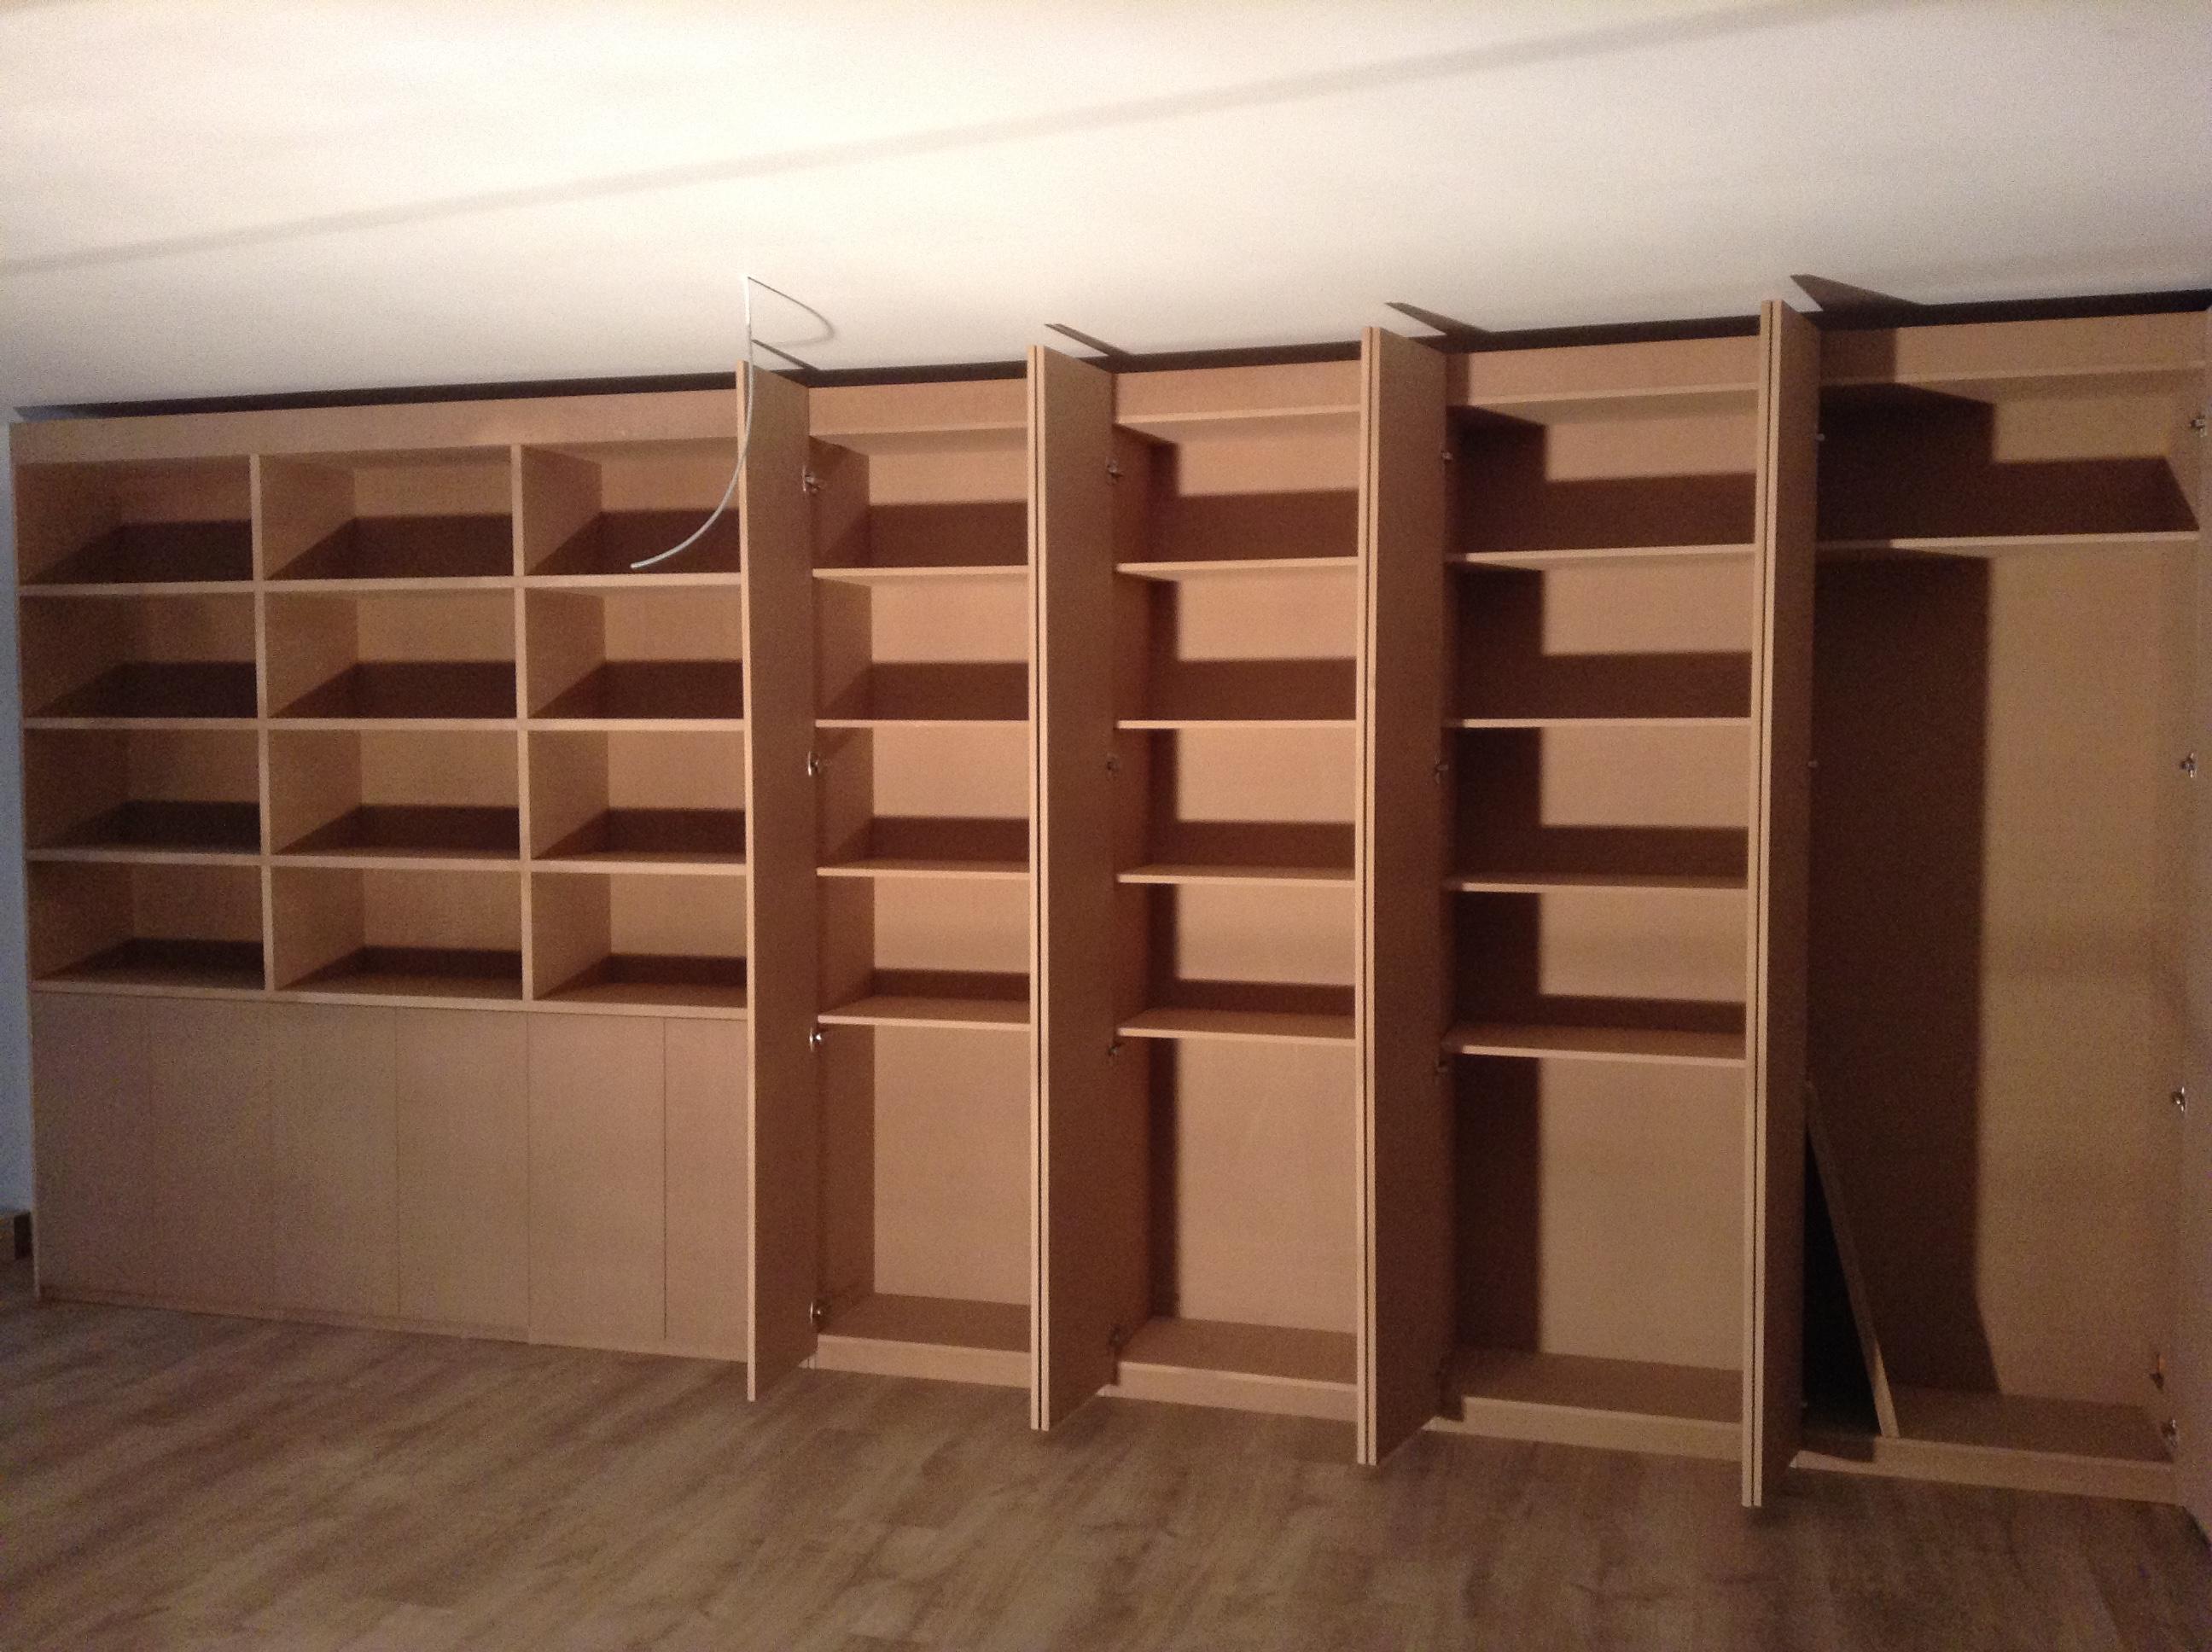 meubles mdf. Black Bedroom Furniture Sets. Home Design Ideas